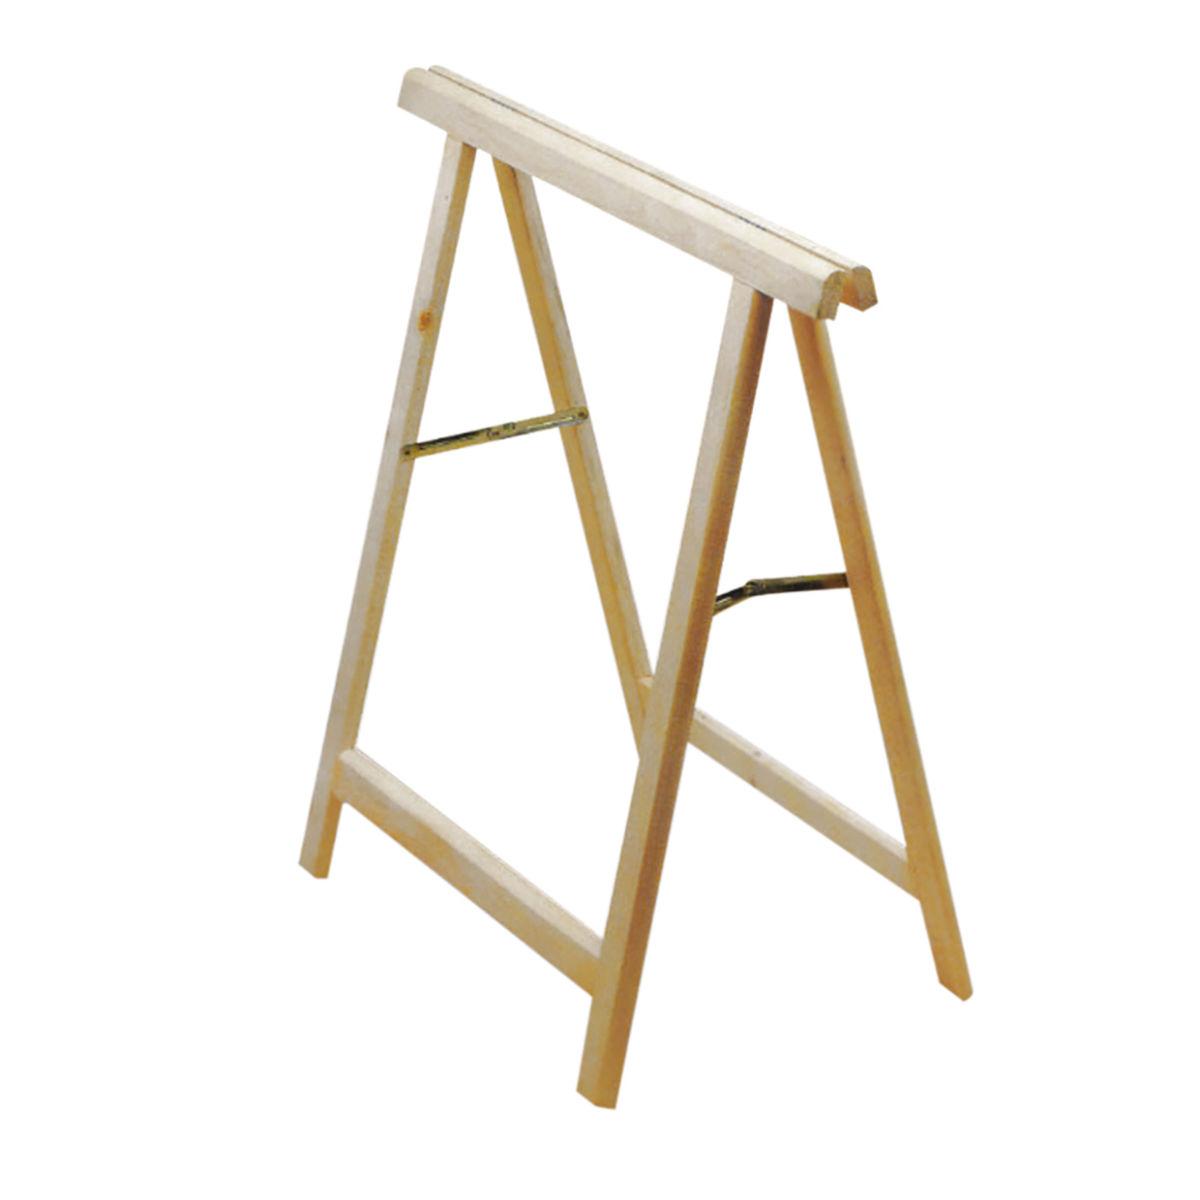 Cavalletto pino Standard H 75 x P 73,5 x L 38 cm grezzo: prezzi e ...